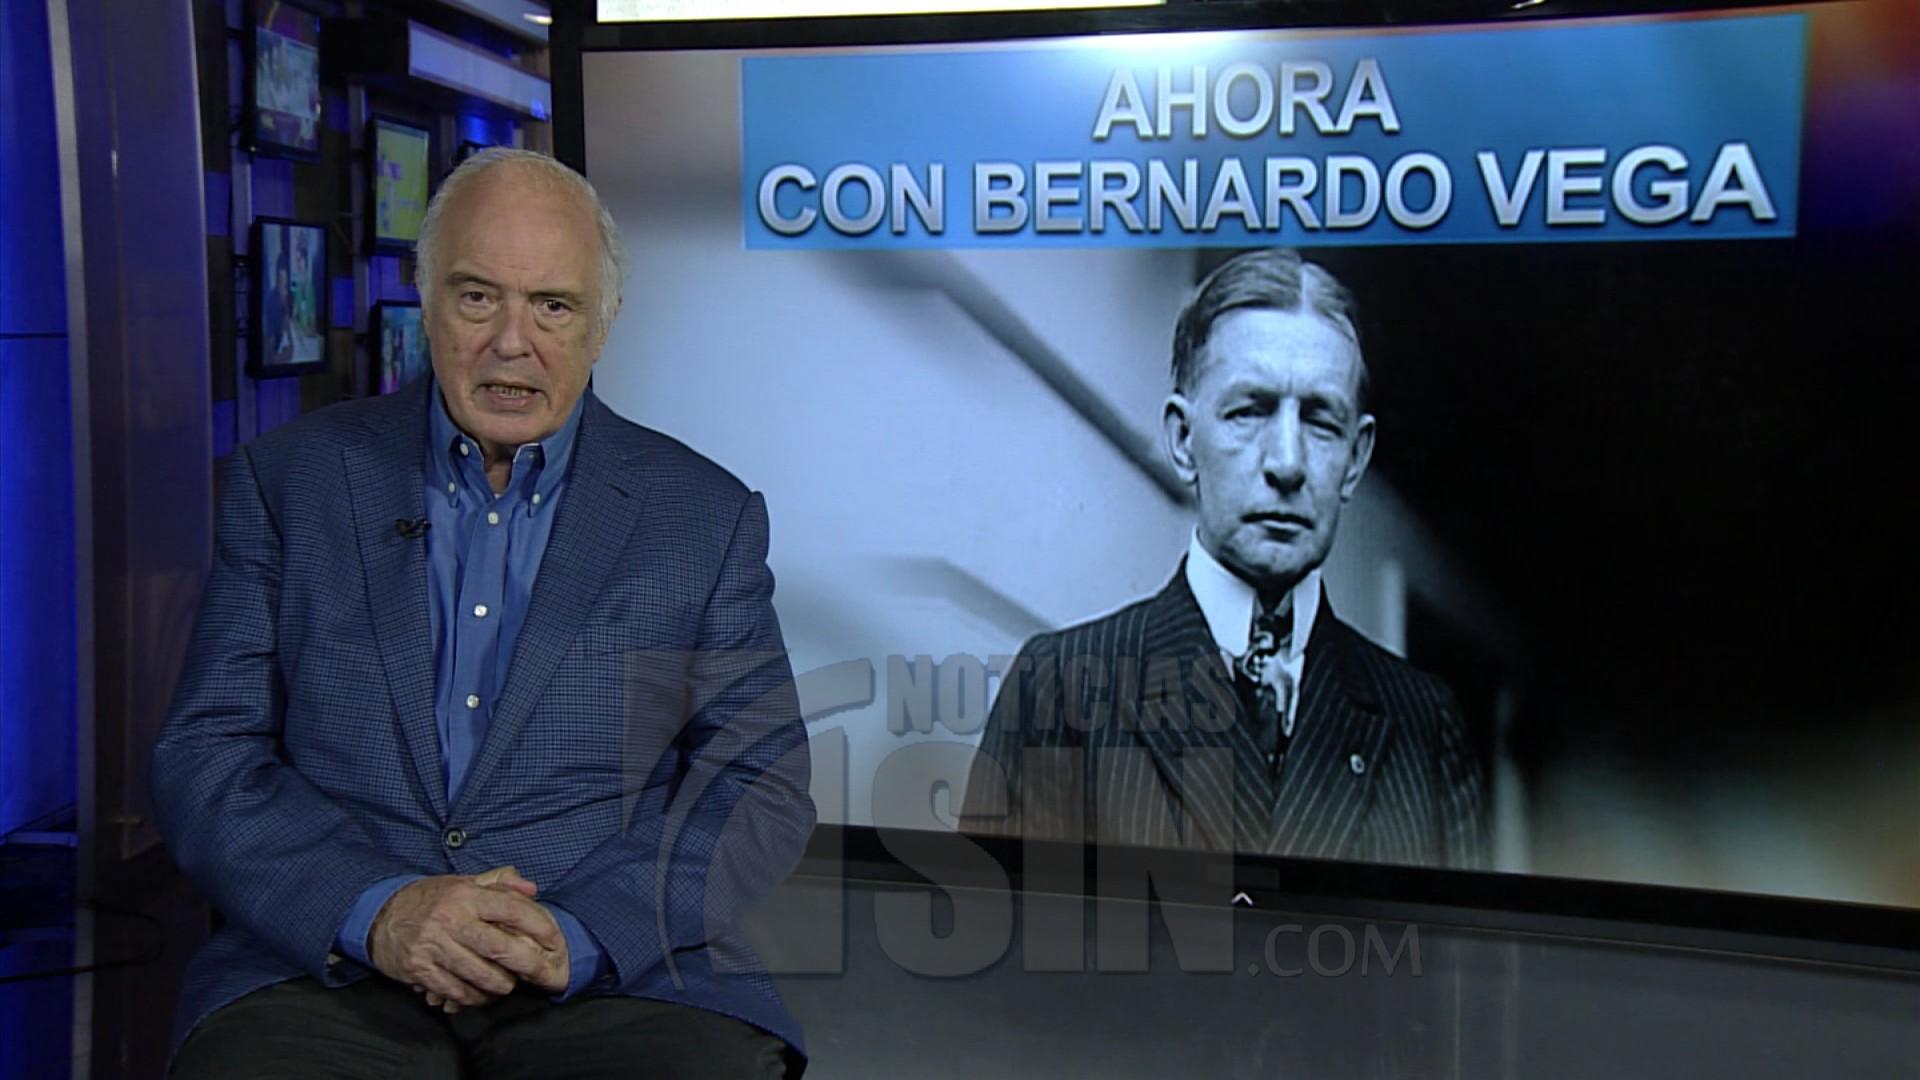 """Bernardo Vega: """"Los descontinuismo viene de lejos"""""""